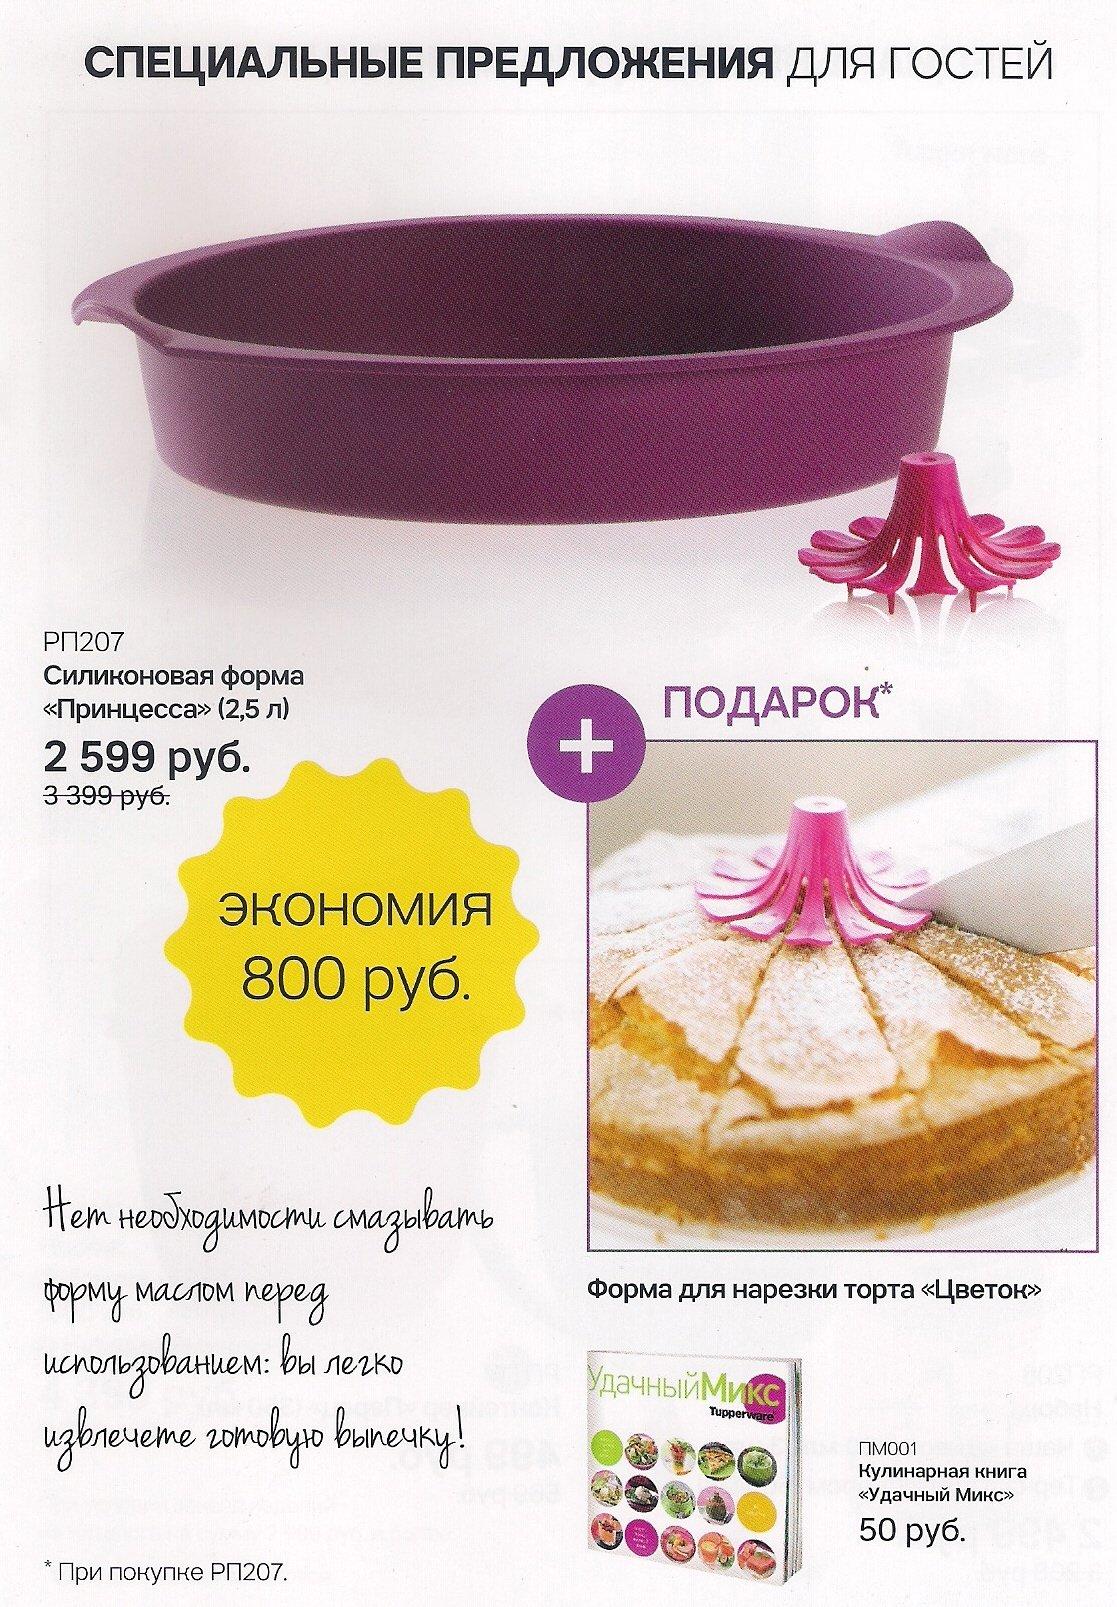 https://tupperware-online.ru/images/upload/s9.jpg